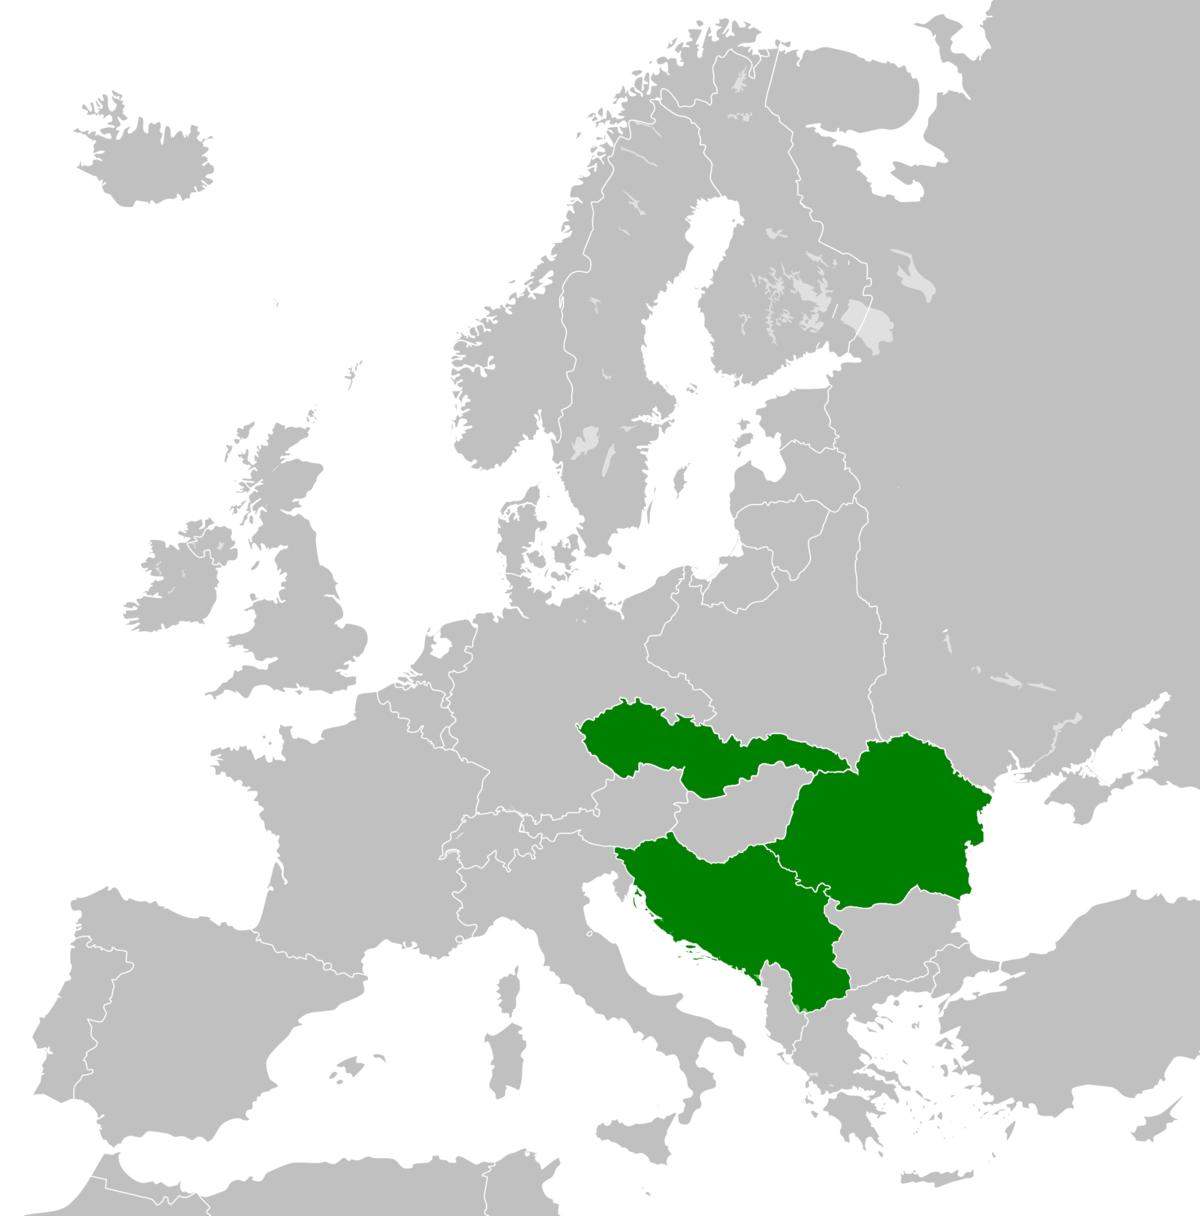 Little Entente - Wikipedia